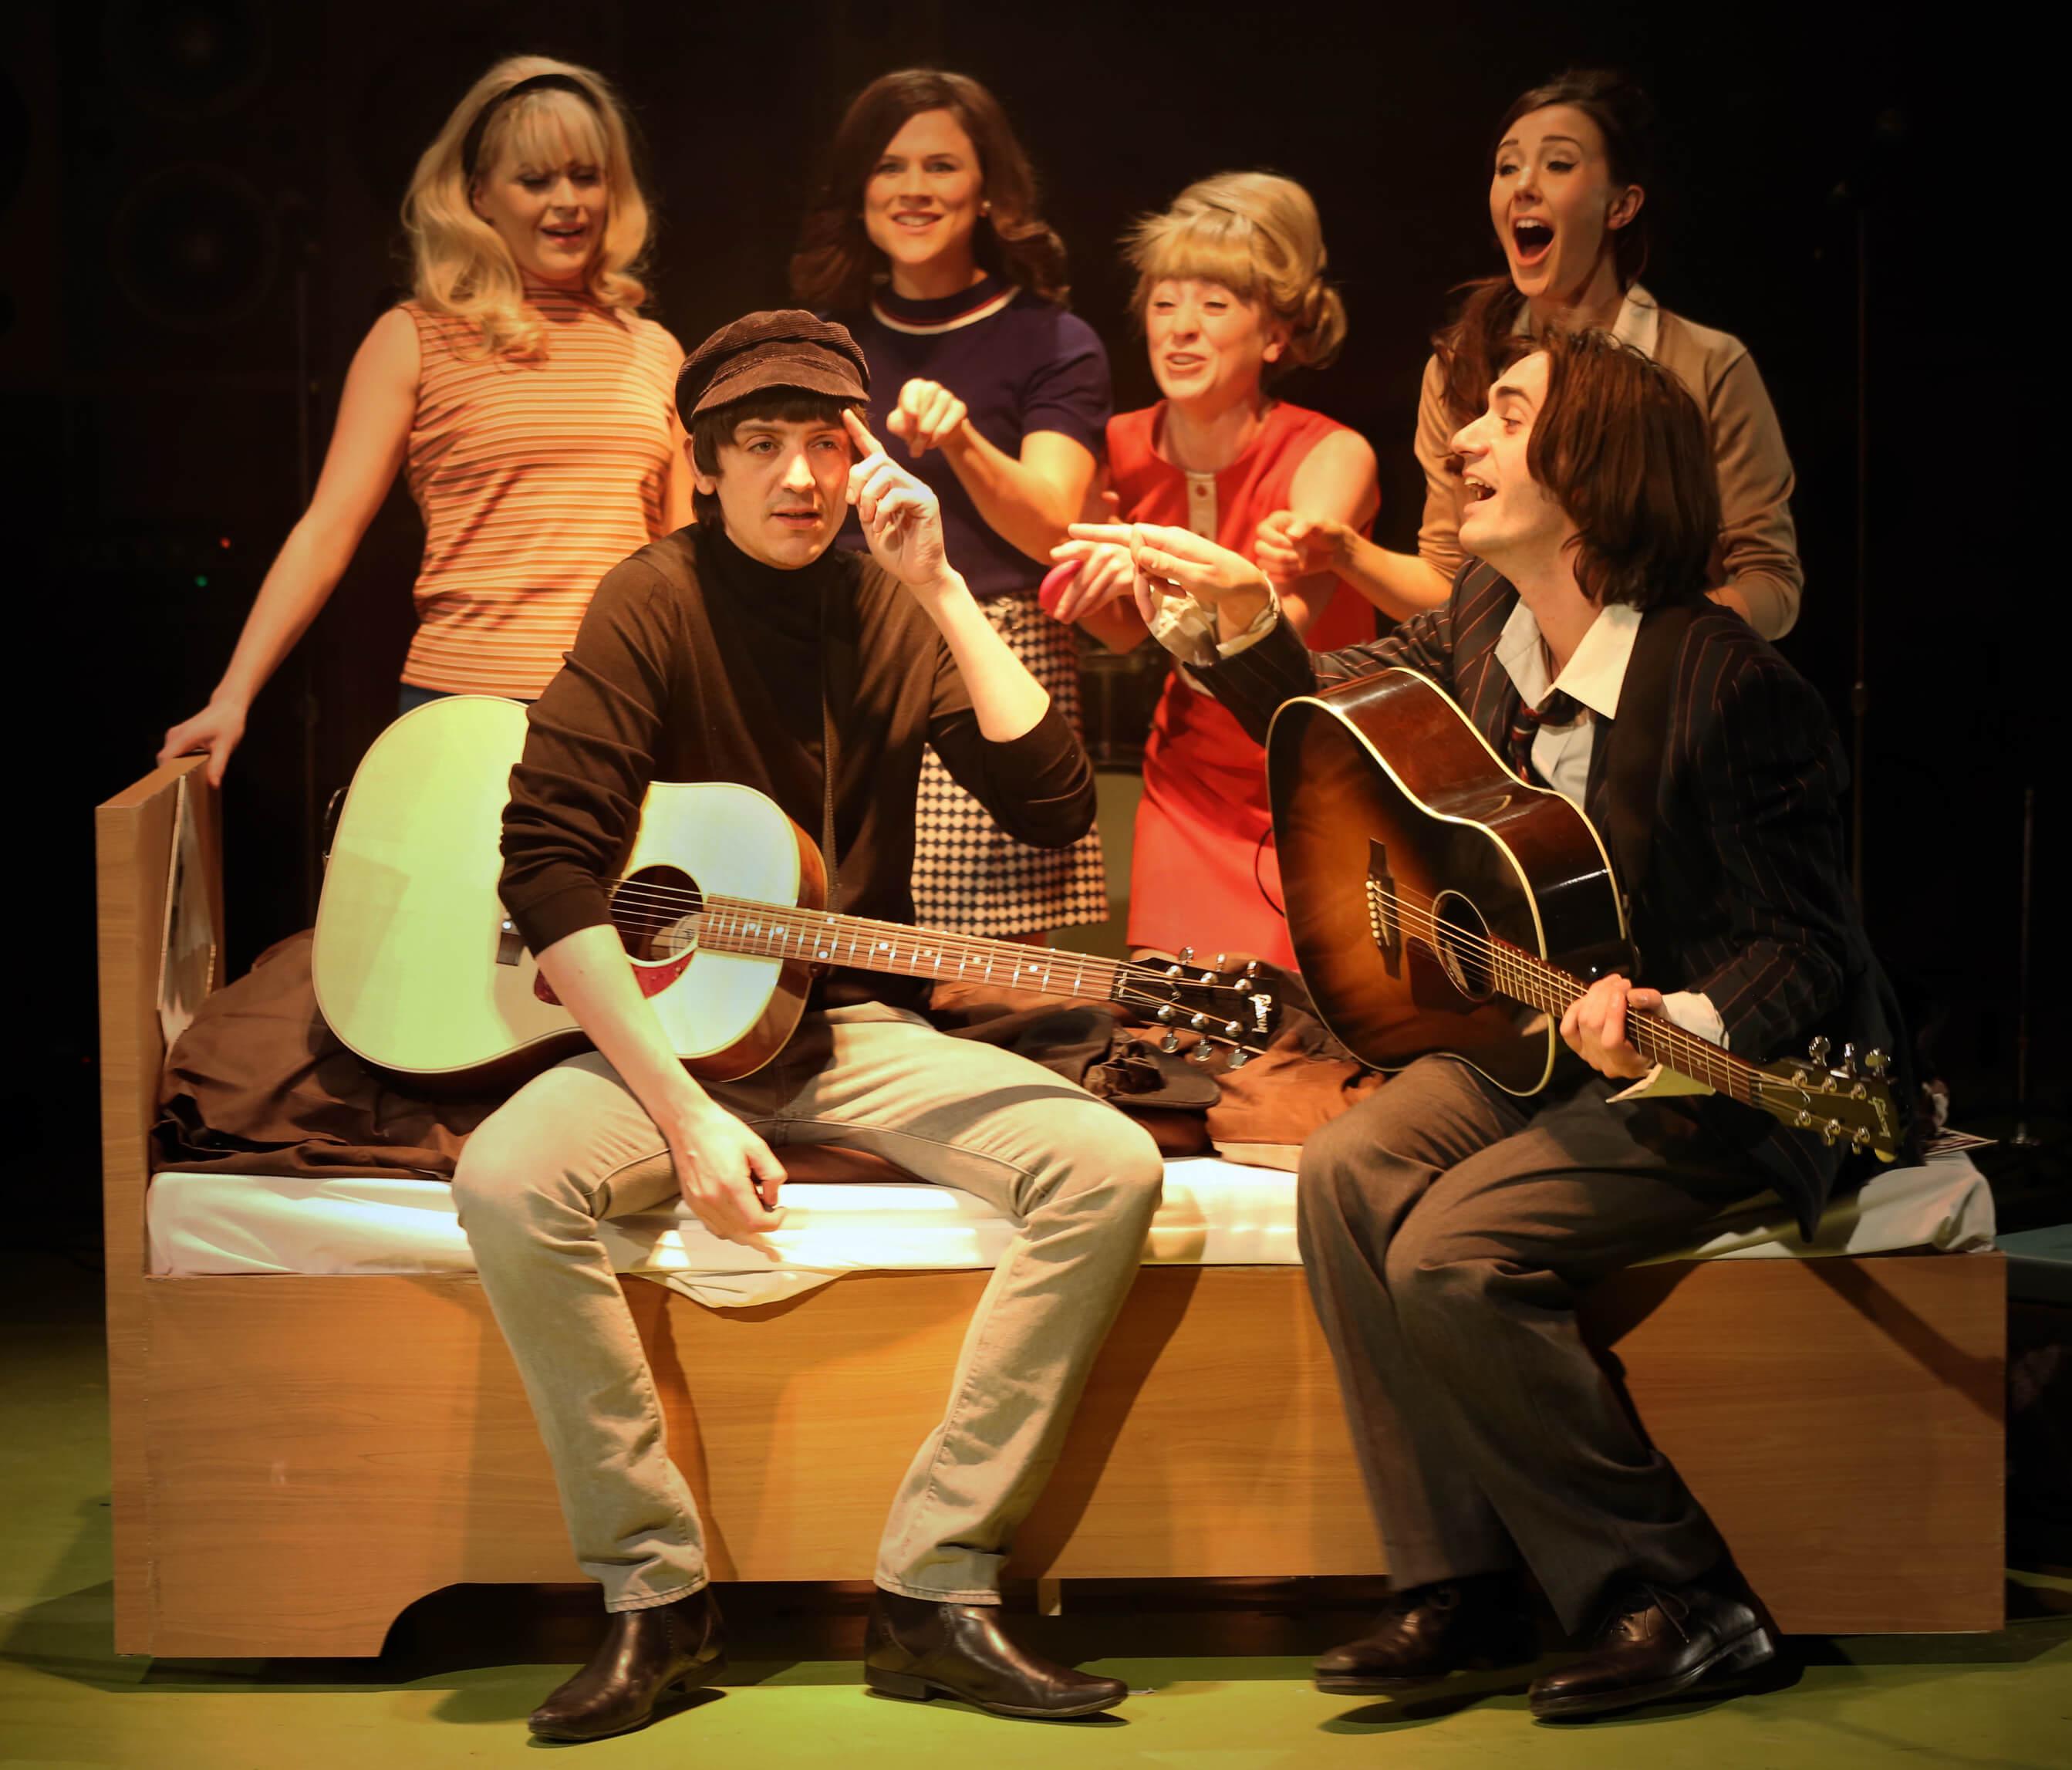 the kinks musical